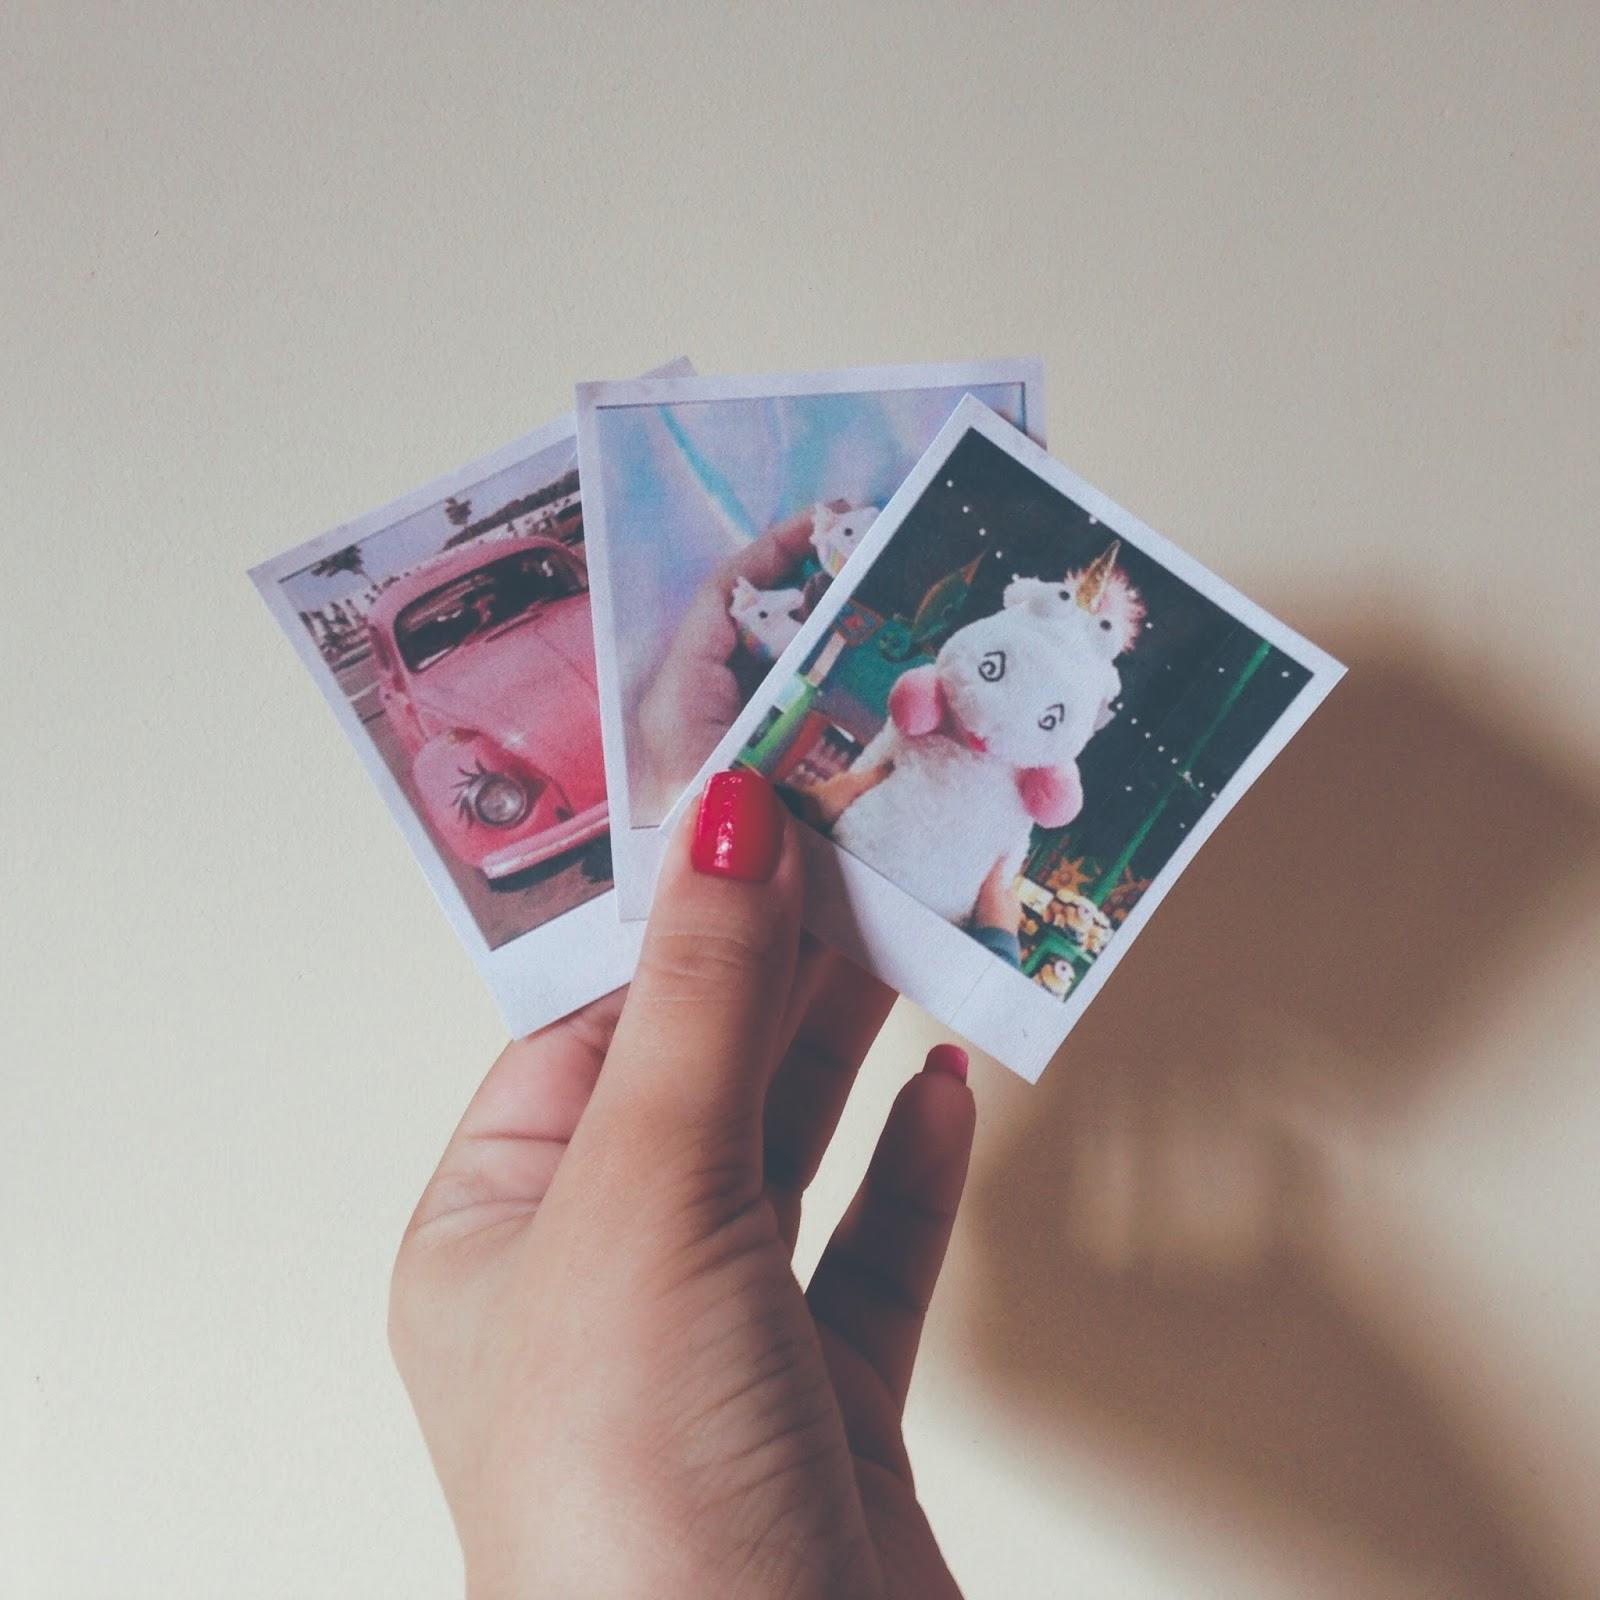 c21388a0b Fotos Polaroid